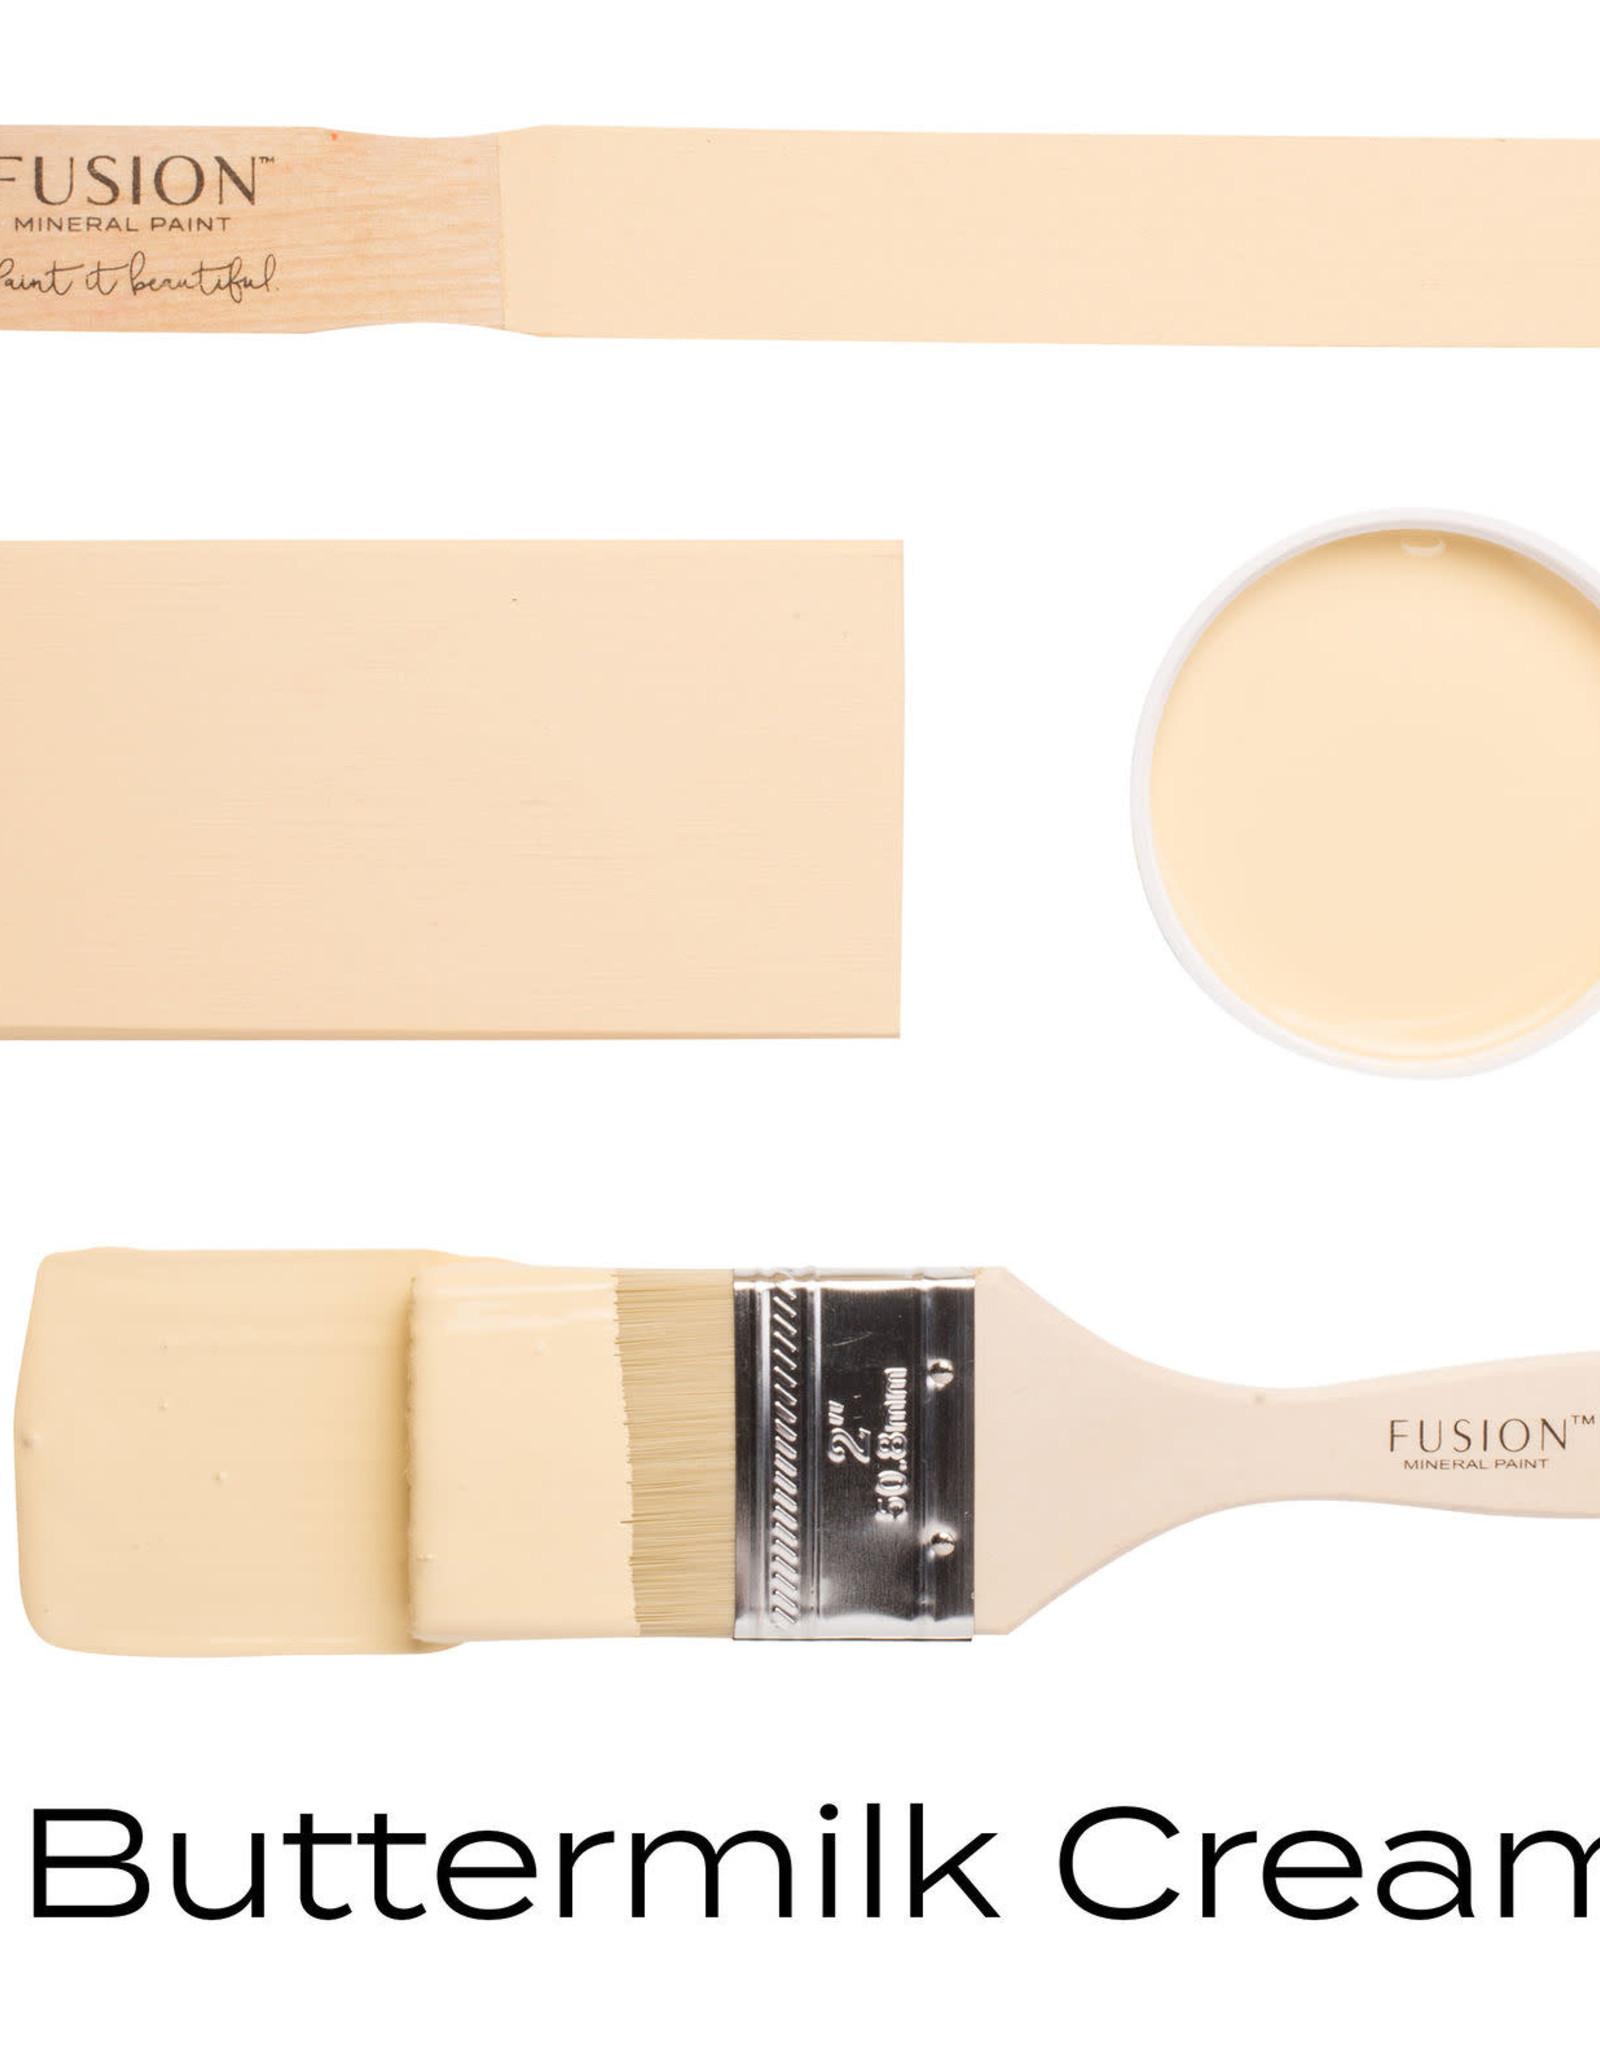 Fusion Mineral Paint Fusion Mineral Paint - Buttermilk Cream 37ml